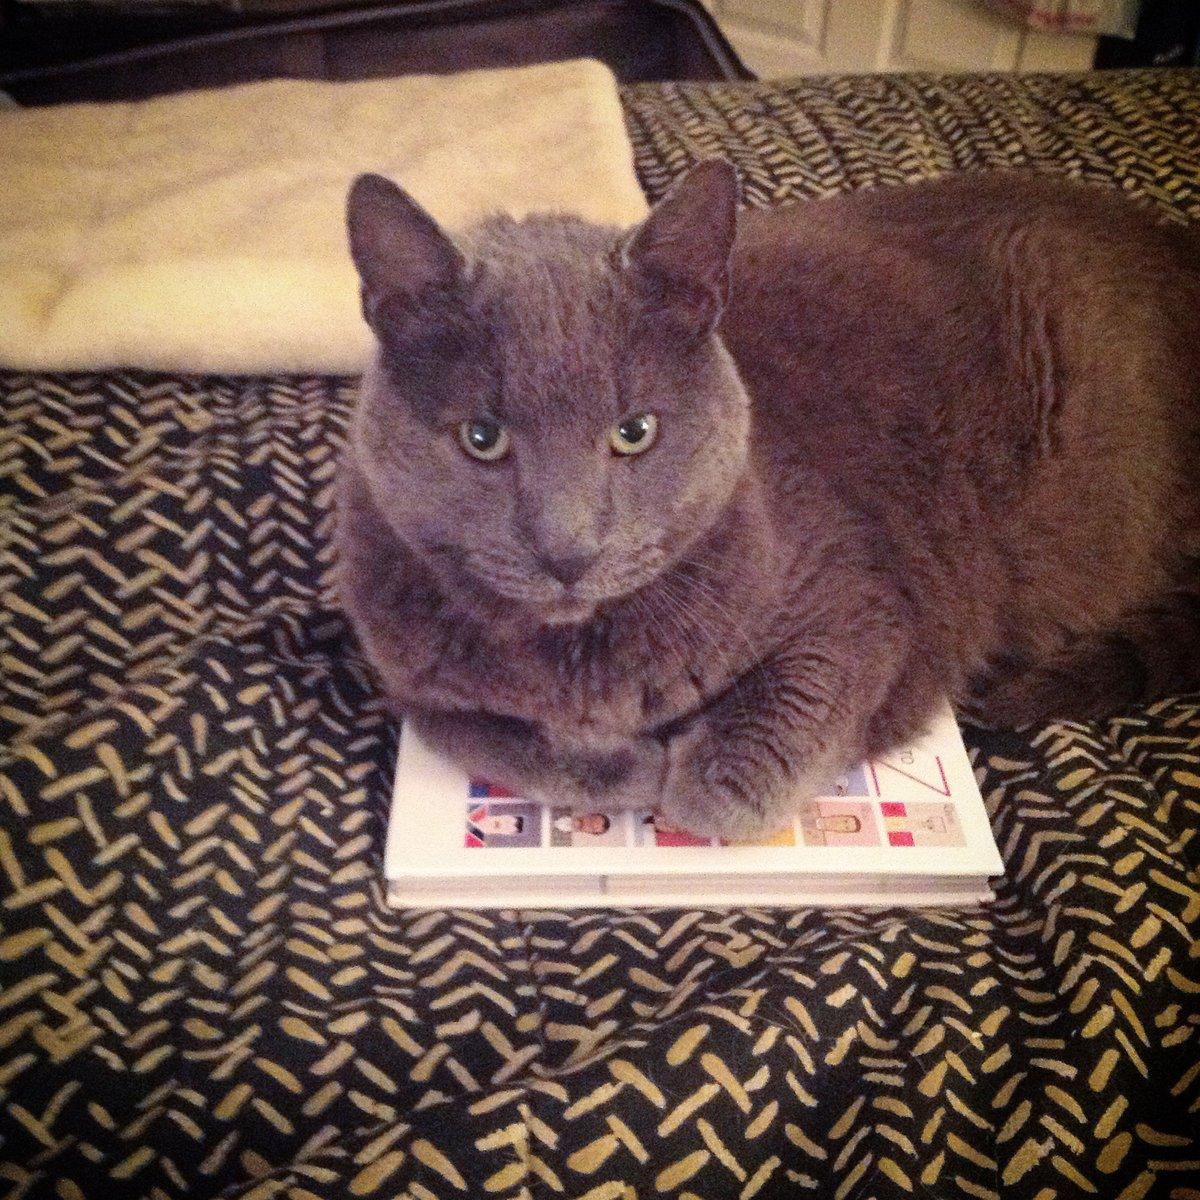 @JakeLobin Ghost finds @mtgreenee deplorable. #catsjudgingmarjorie